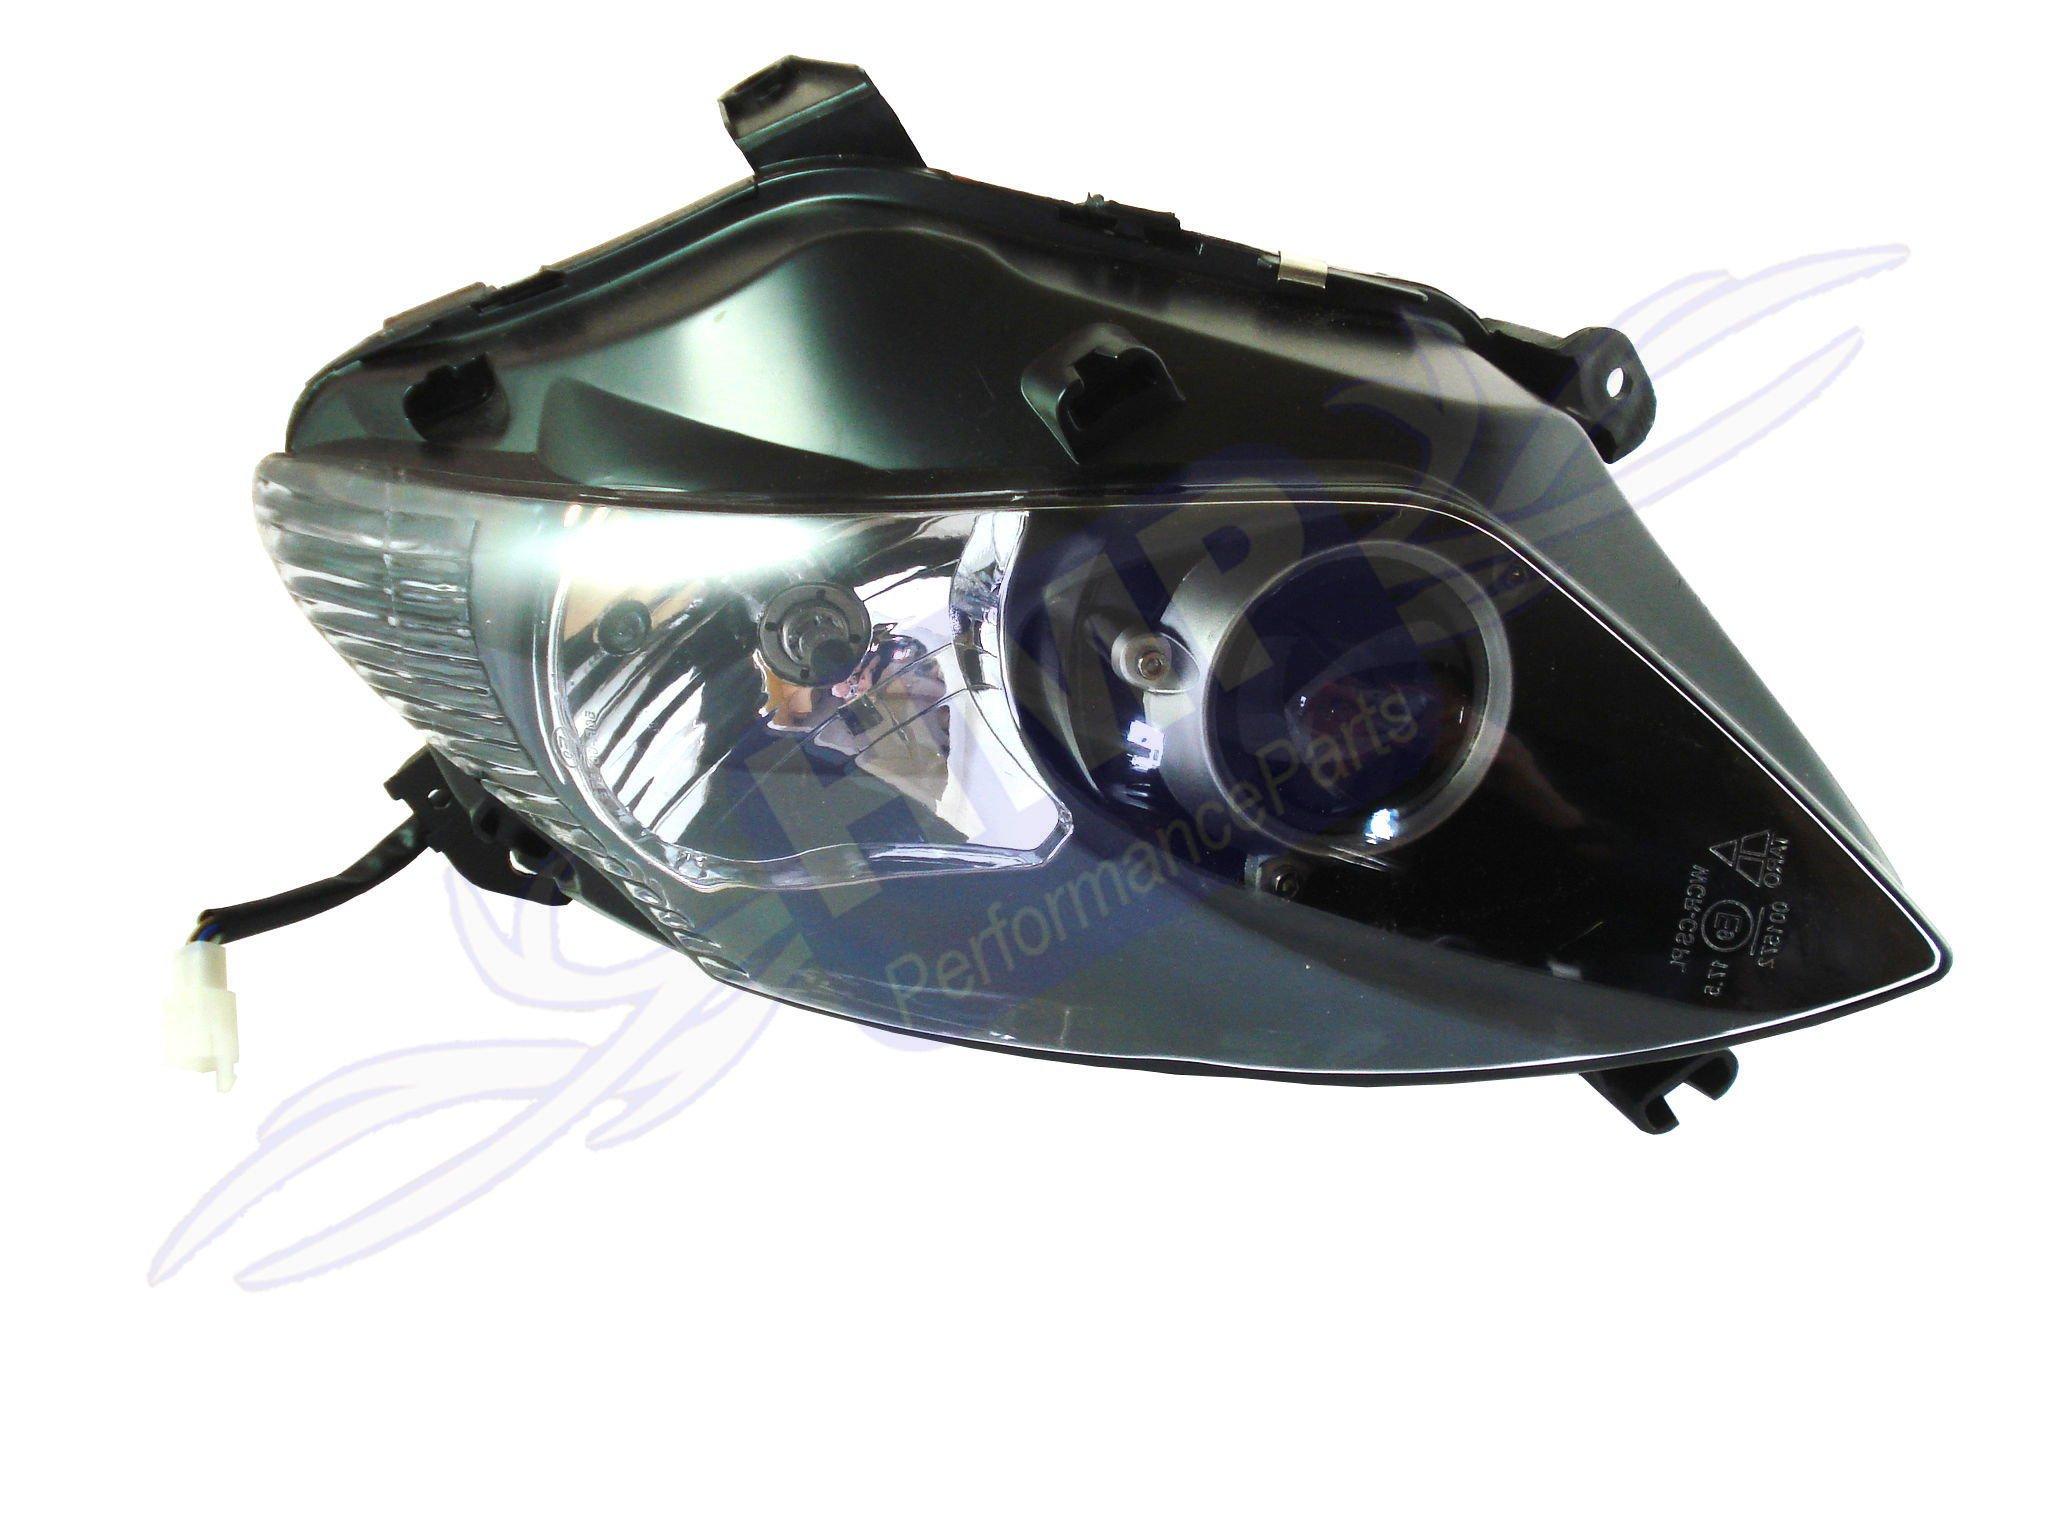 hmparts motorrad roller scooter scheinwerfer mit leuchtmittel rechts ebay. Black Bedroom Furniture Sets. Home Design Ideas